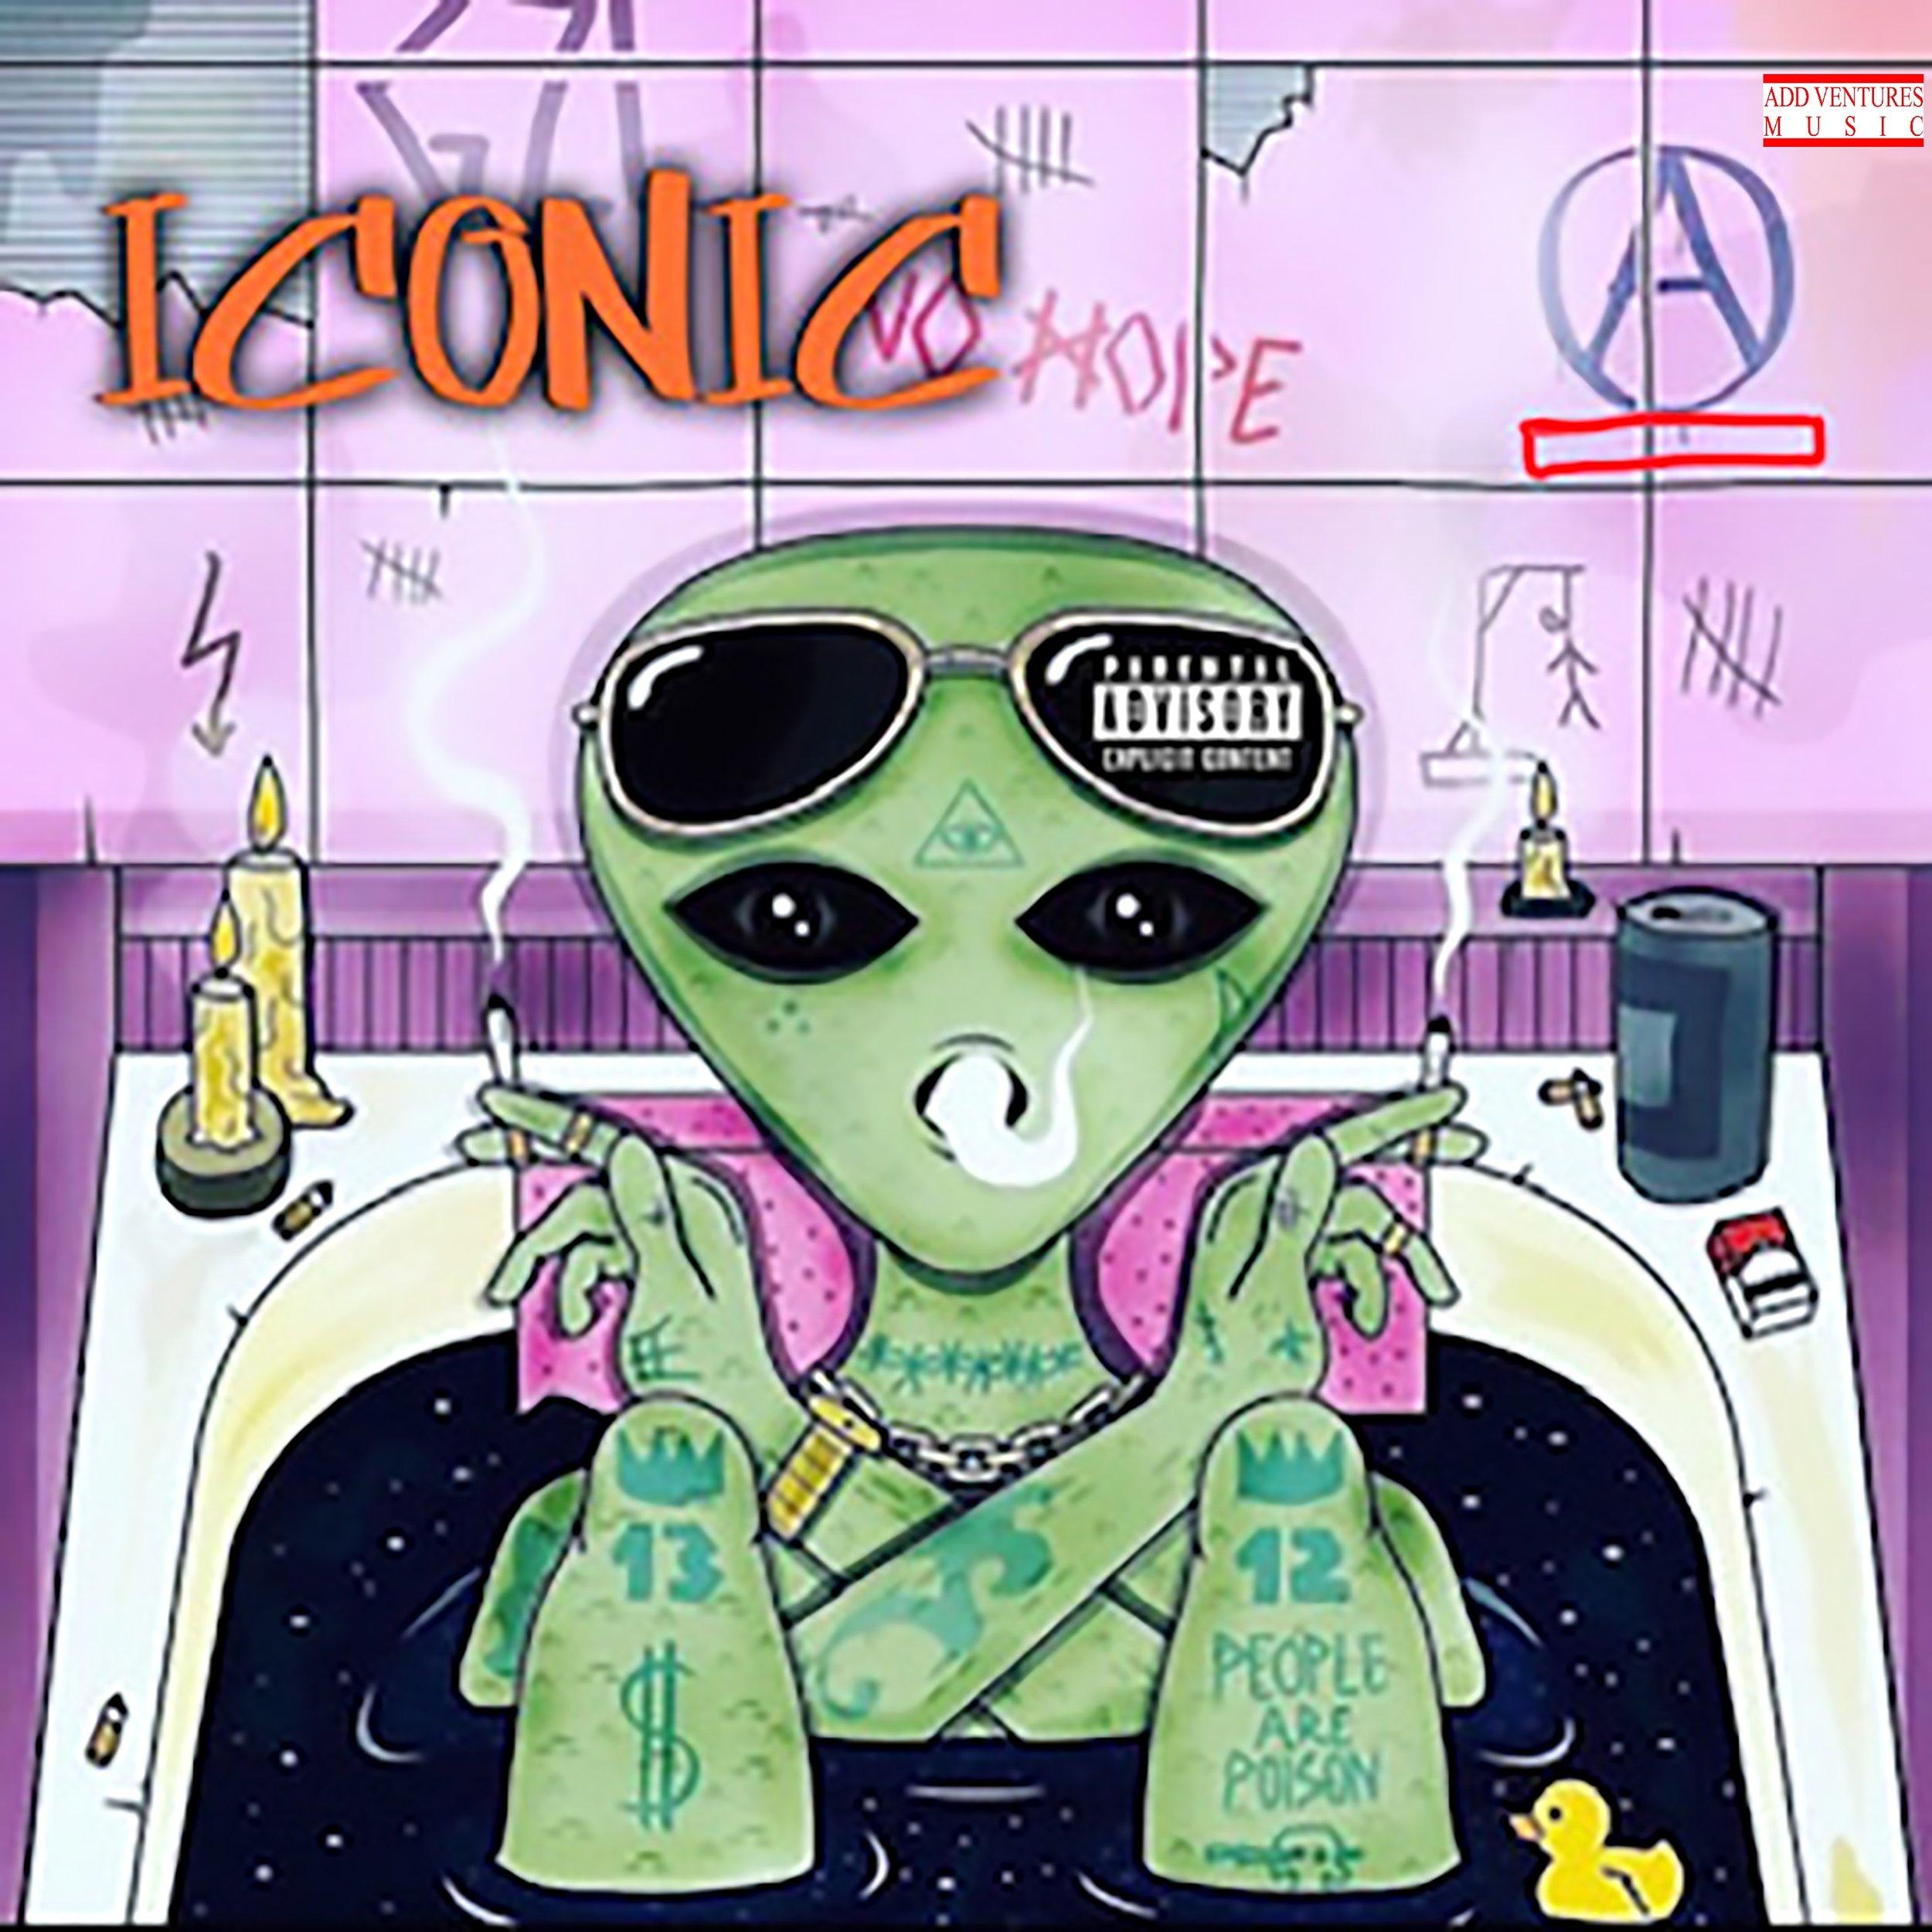 Fetti Da Don - Iconic - Explicit Album Cover.jpeg